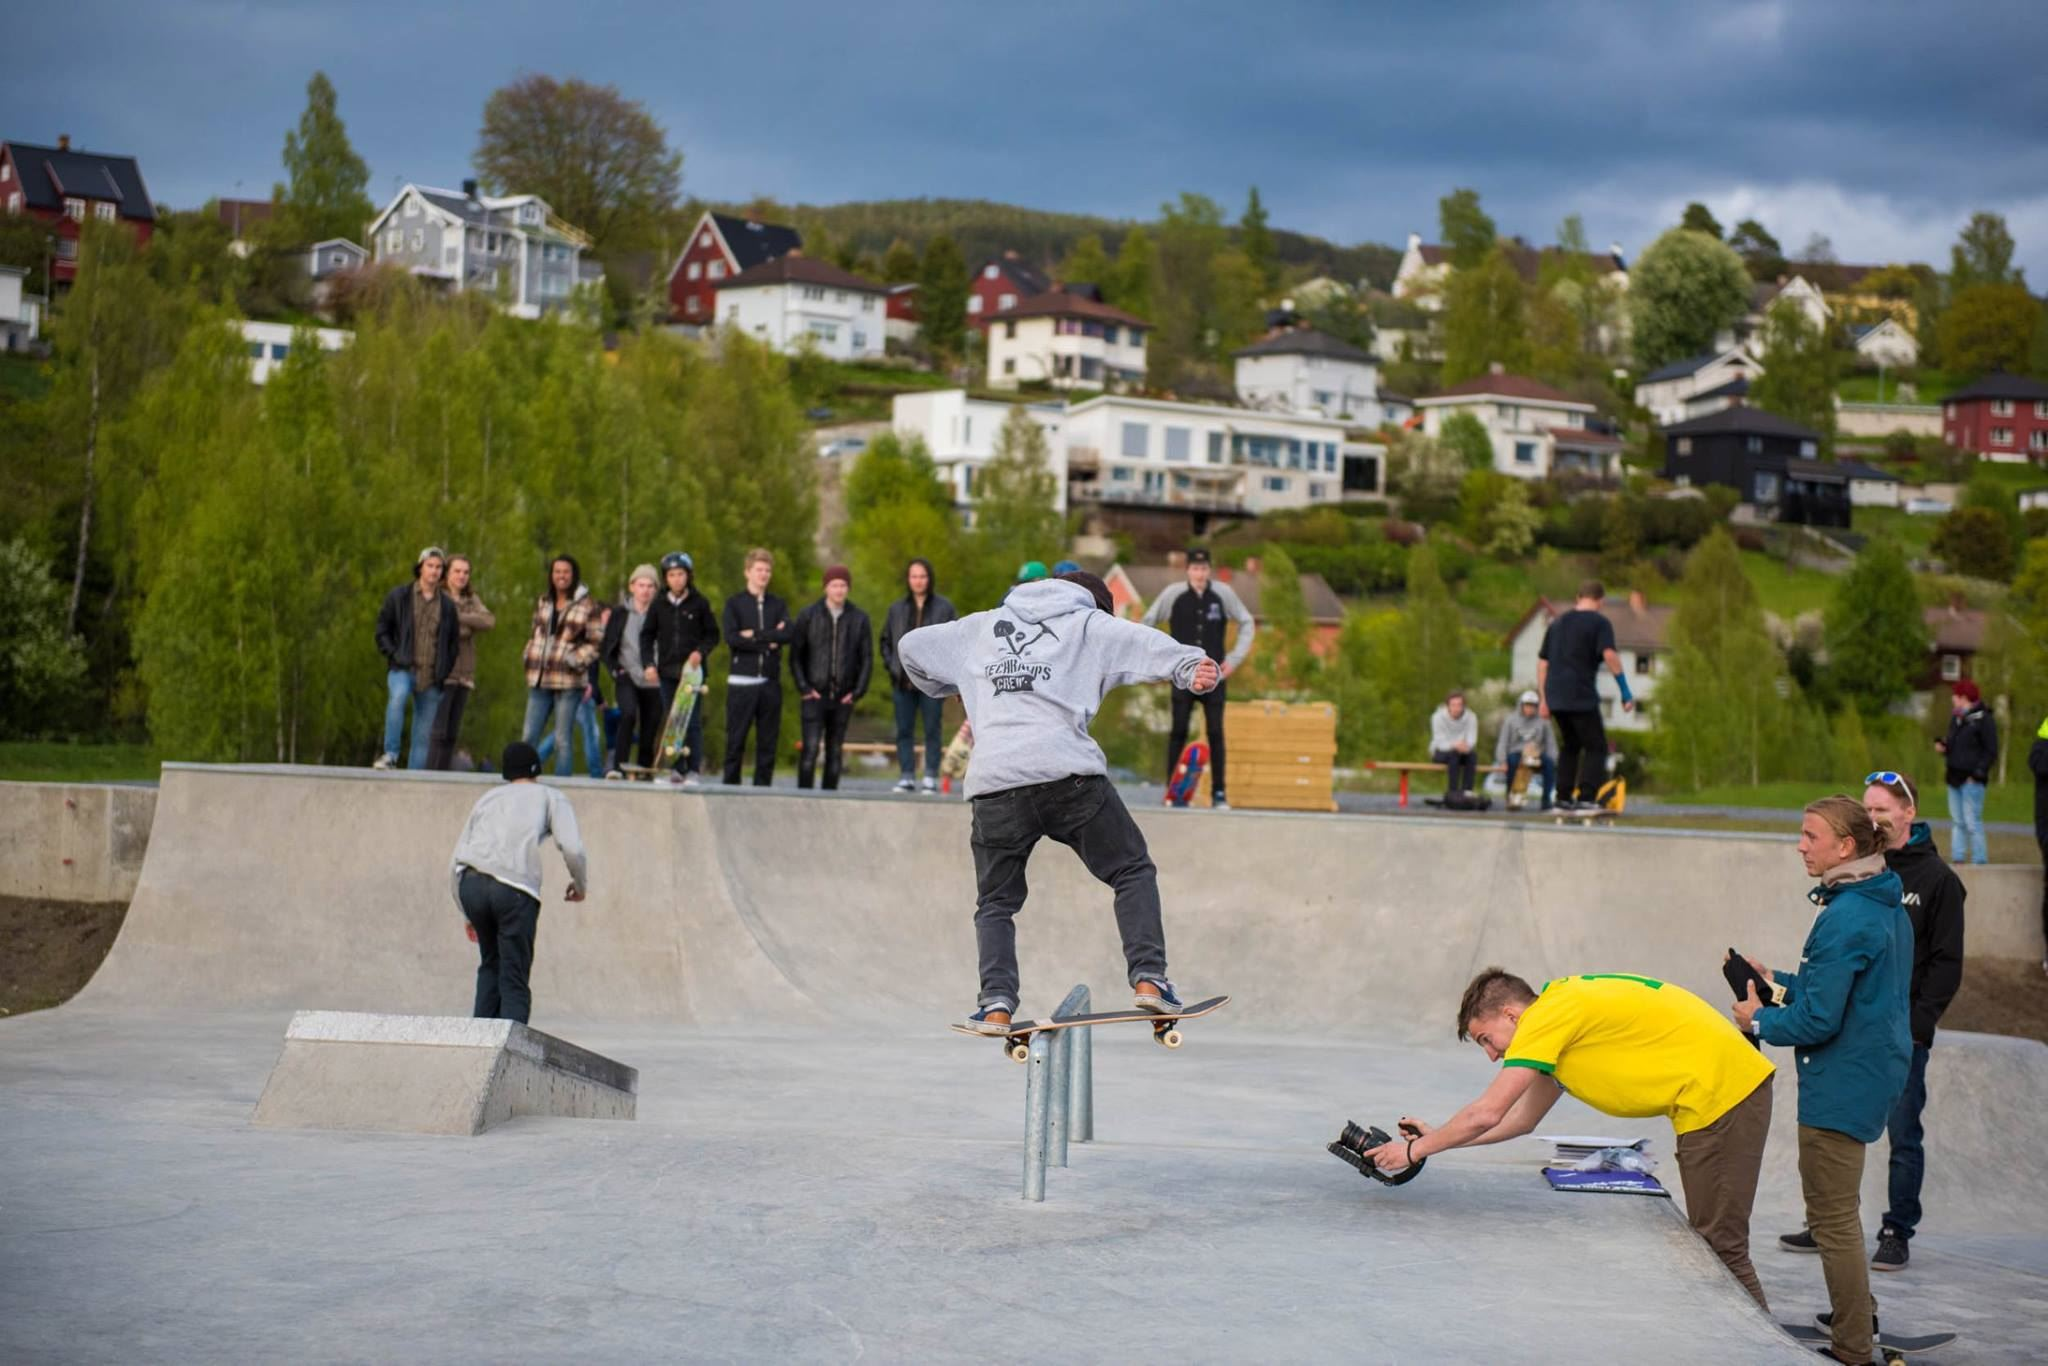 Lillehammer skatepark